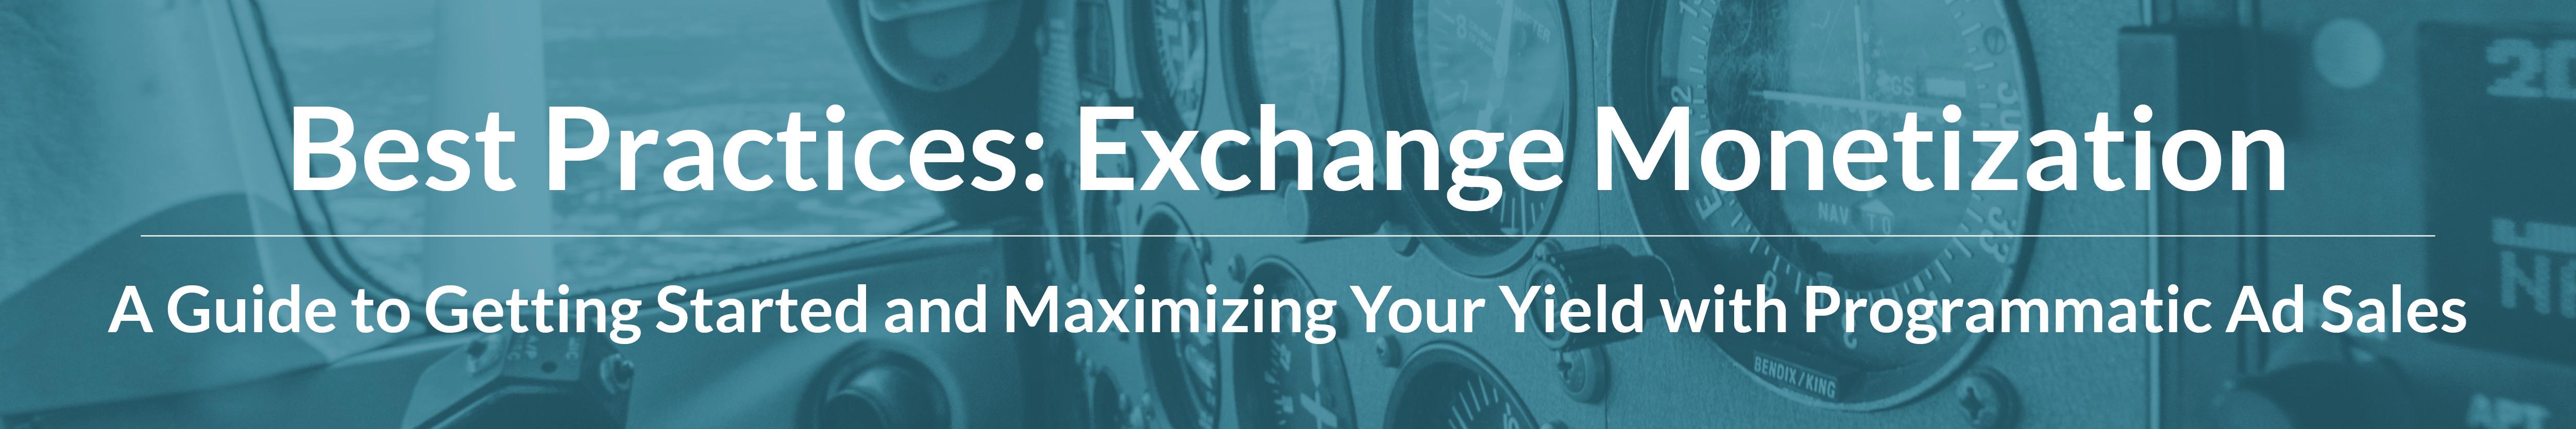 LandingPageImage_ExchangeMonetization.jpg